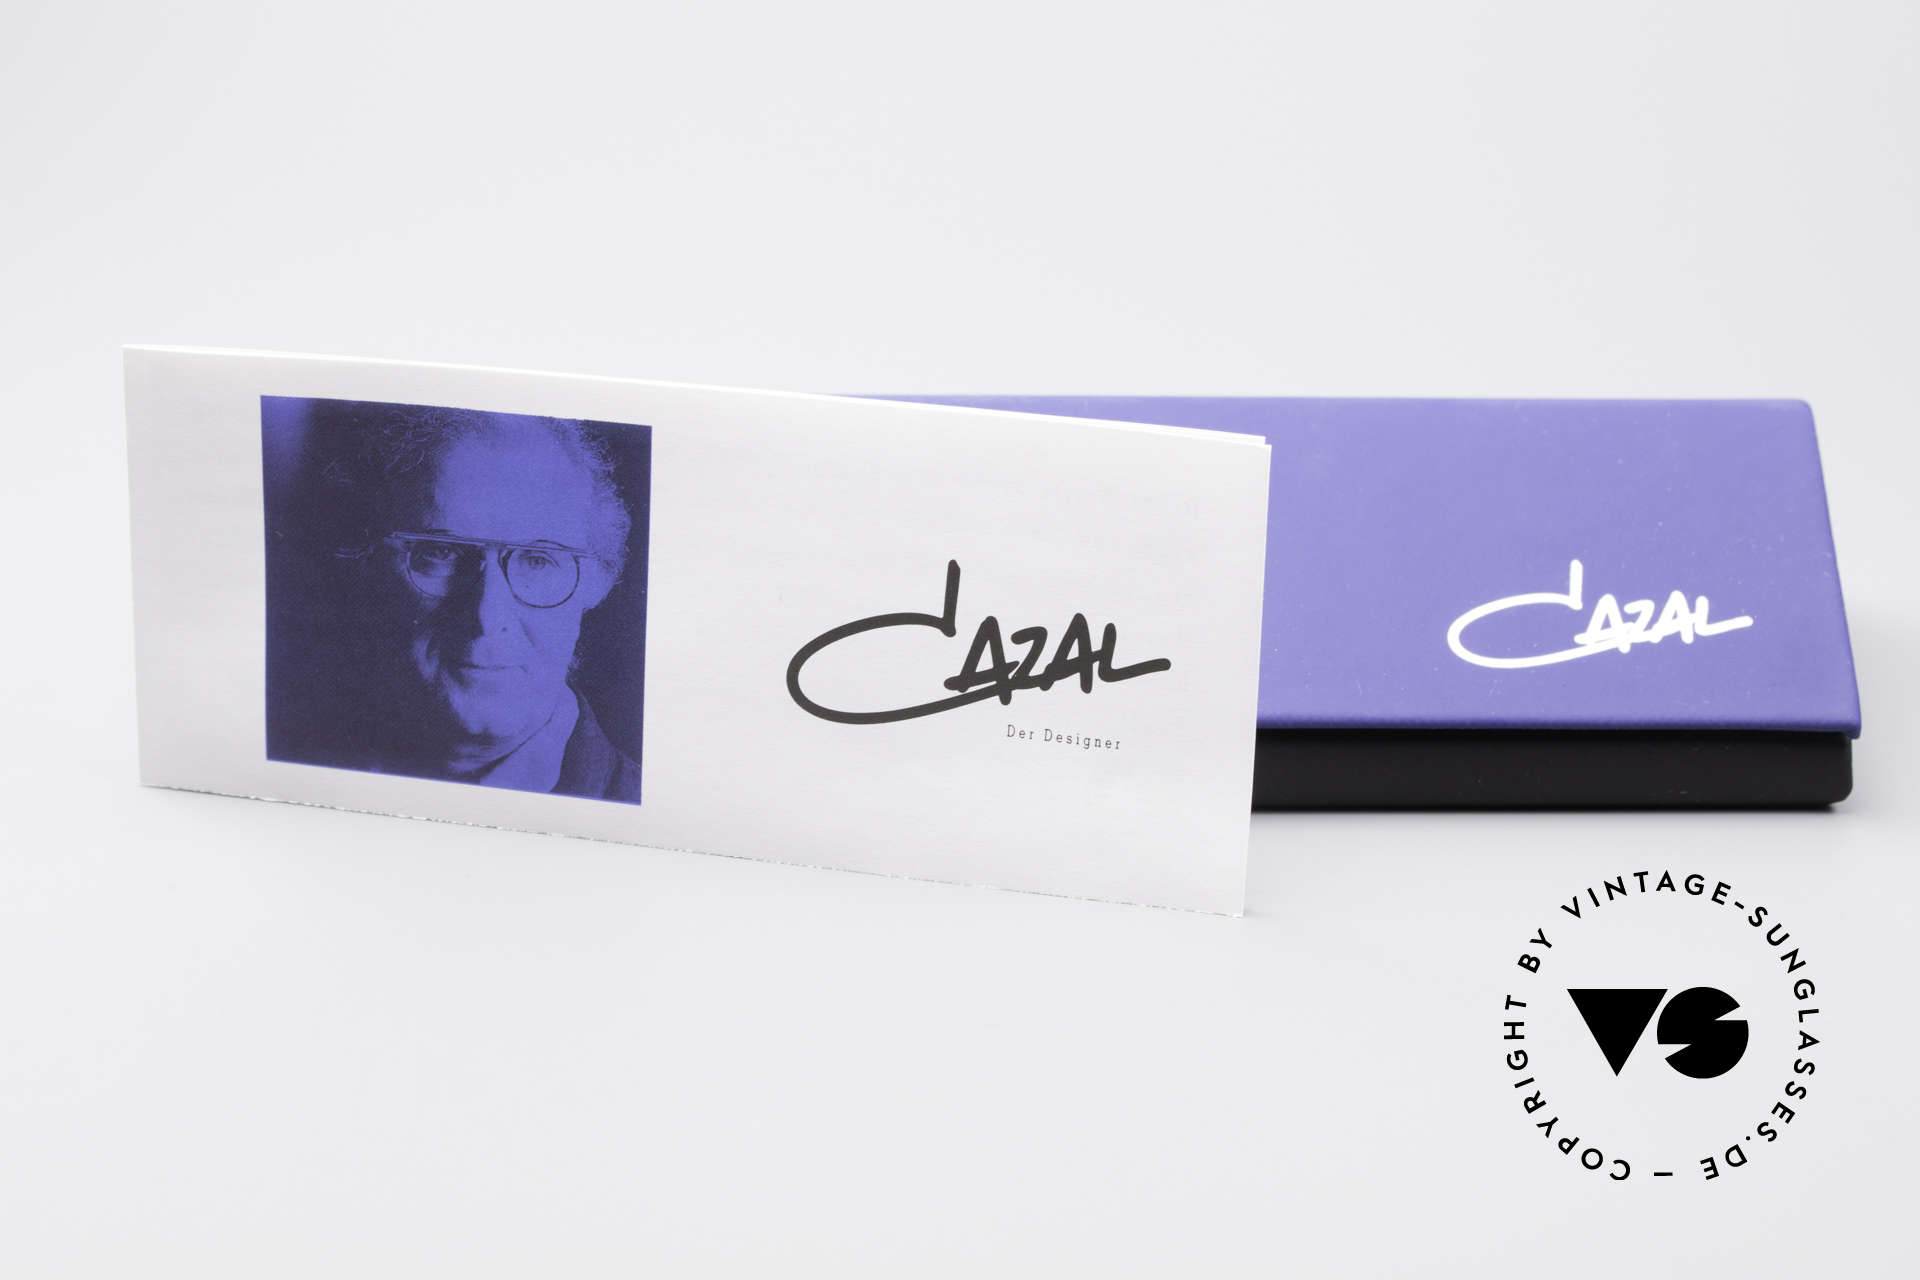 Cazal 368 90er Sonnenbrille Hip Hop Style, die Fassung ist für optische (Sonnen)gläser geeignet, Passend für Damen